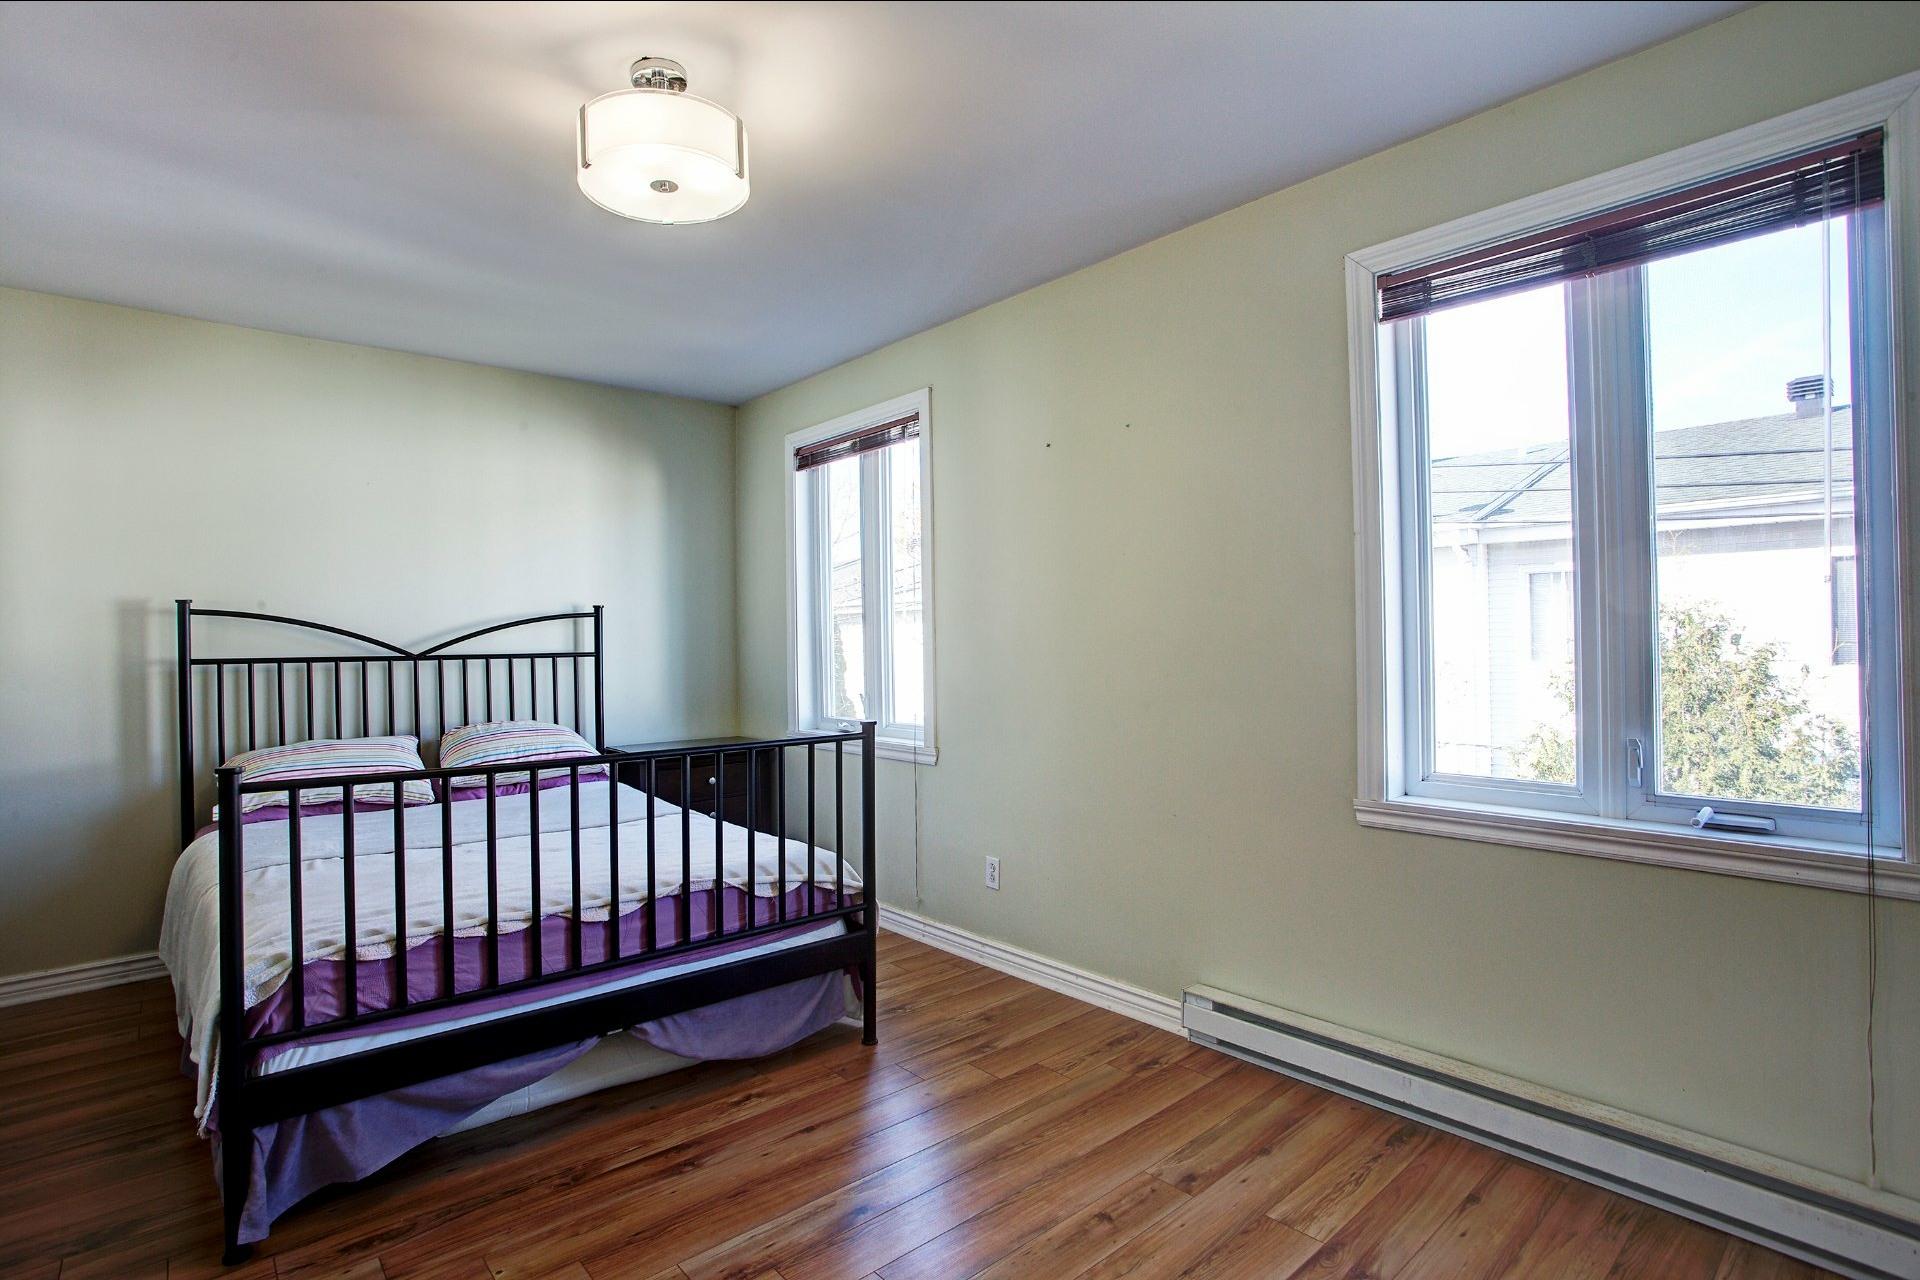 image 14 - House For sale Montréal Lachine  - 10 rooms